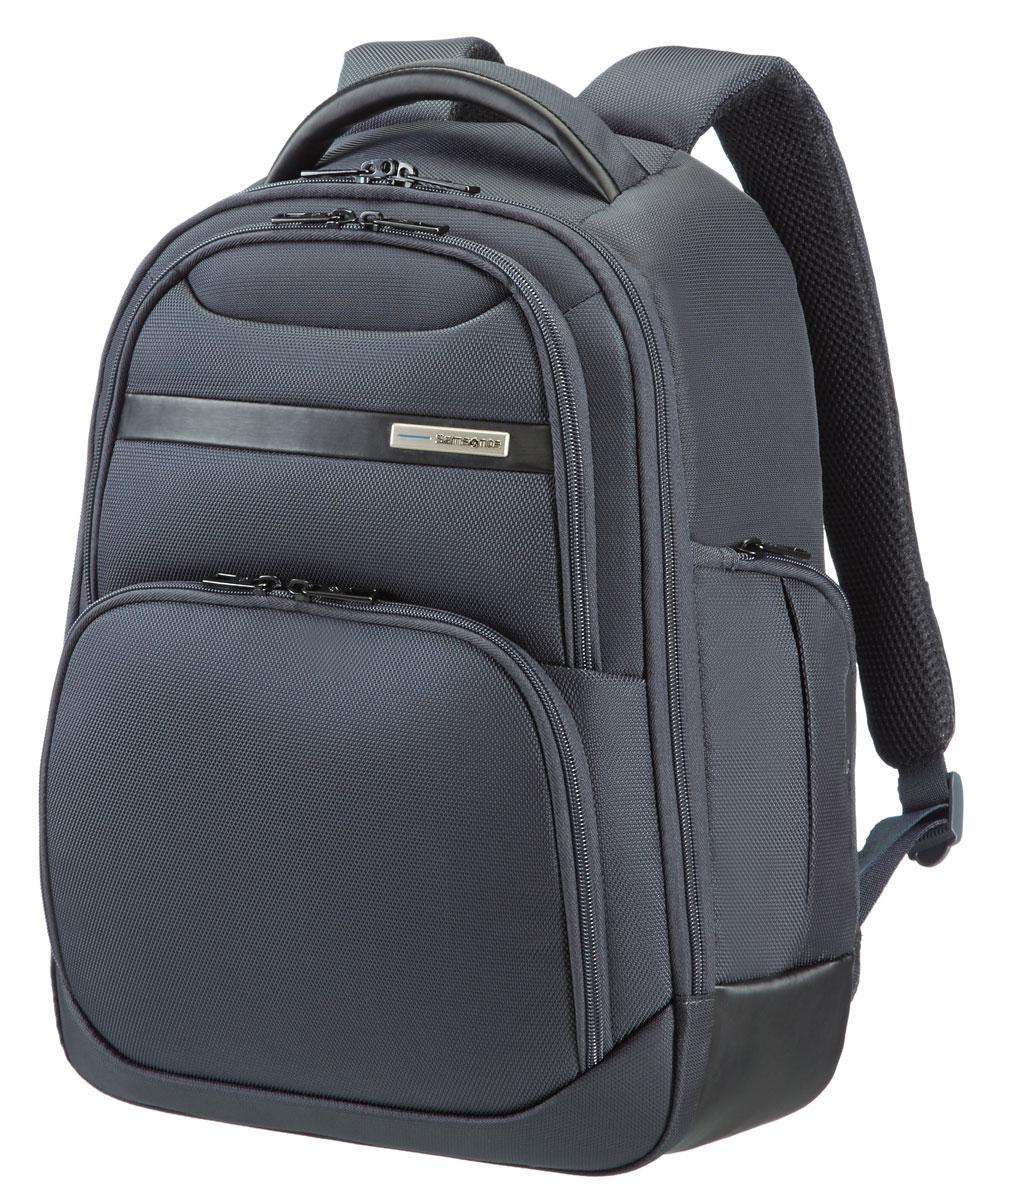 Рюкзак для ноутбука Samsonite Guardit, цвет: темно-серый, 31,5 х 17,5 х 42 см39V*08007Рюкзак для ноутбука Samsonite Guardit до 14 изготовлен из полиэстера. Коллекция Guardit является идеальным решением для пользователей ноутбуков,объединяет в себе базовую функциональность с отличным внешним видом. Особенности коллекции: передний карман с внутренней организацией, умный карман, верхняя ручка с прокладкой из неопрена.Размер рюкзака: 31,5 х 17,5 х 42 см Объем рюкзака: 15 л.